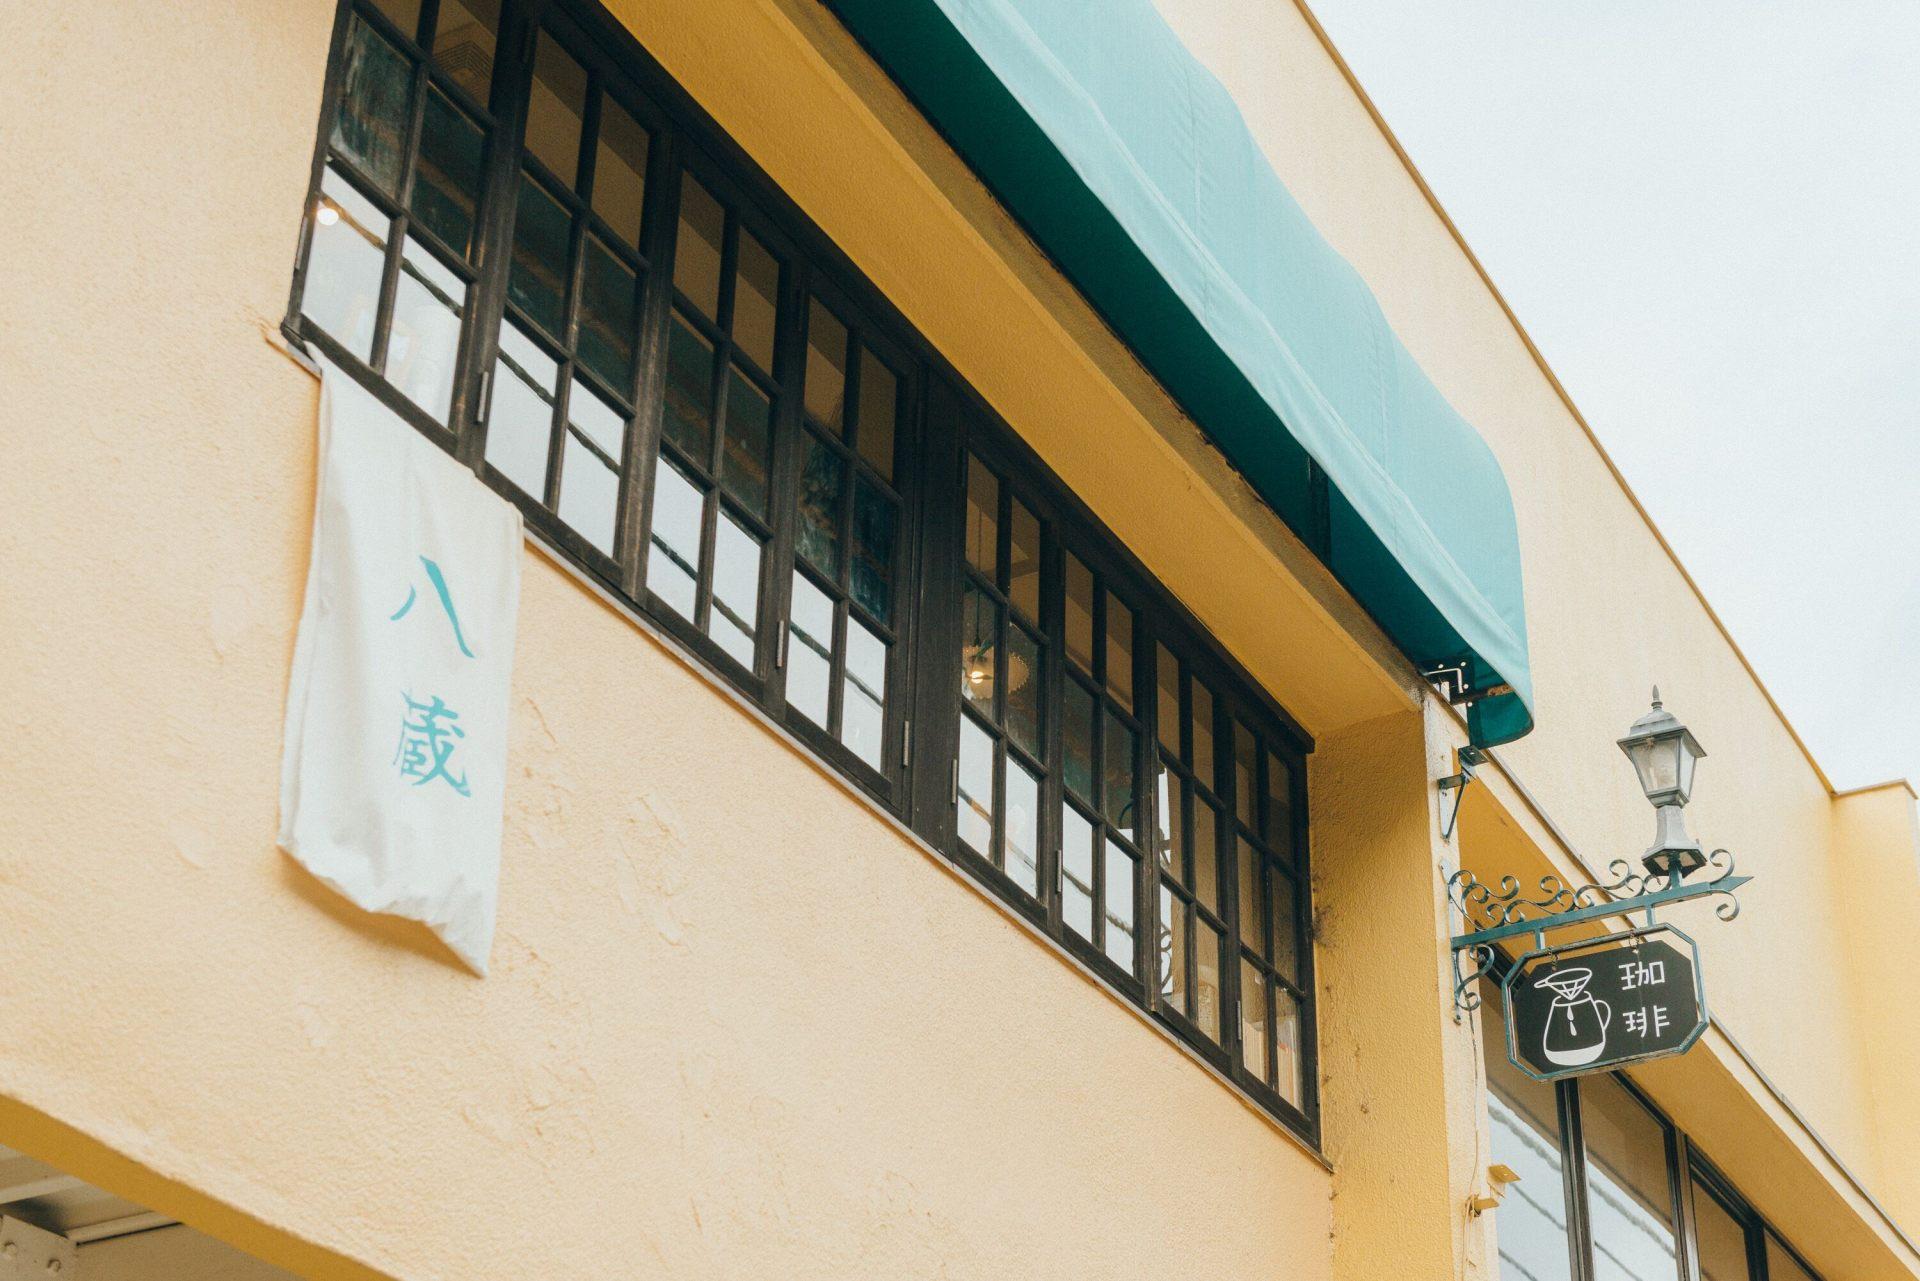 帶有古民家風格的外觀,標誌是黃牆和綠屋簷